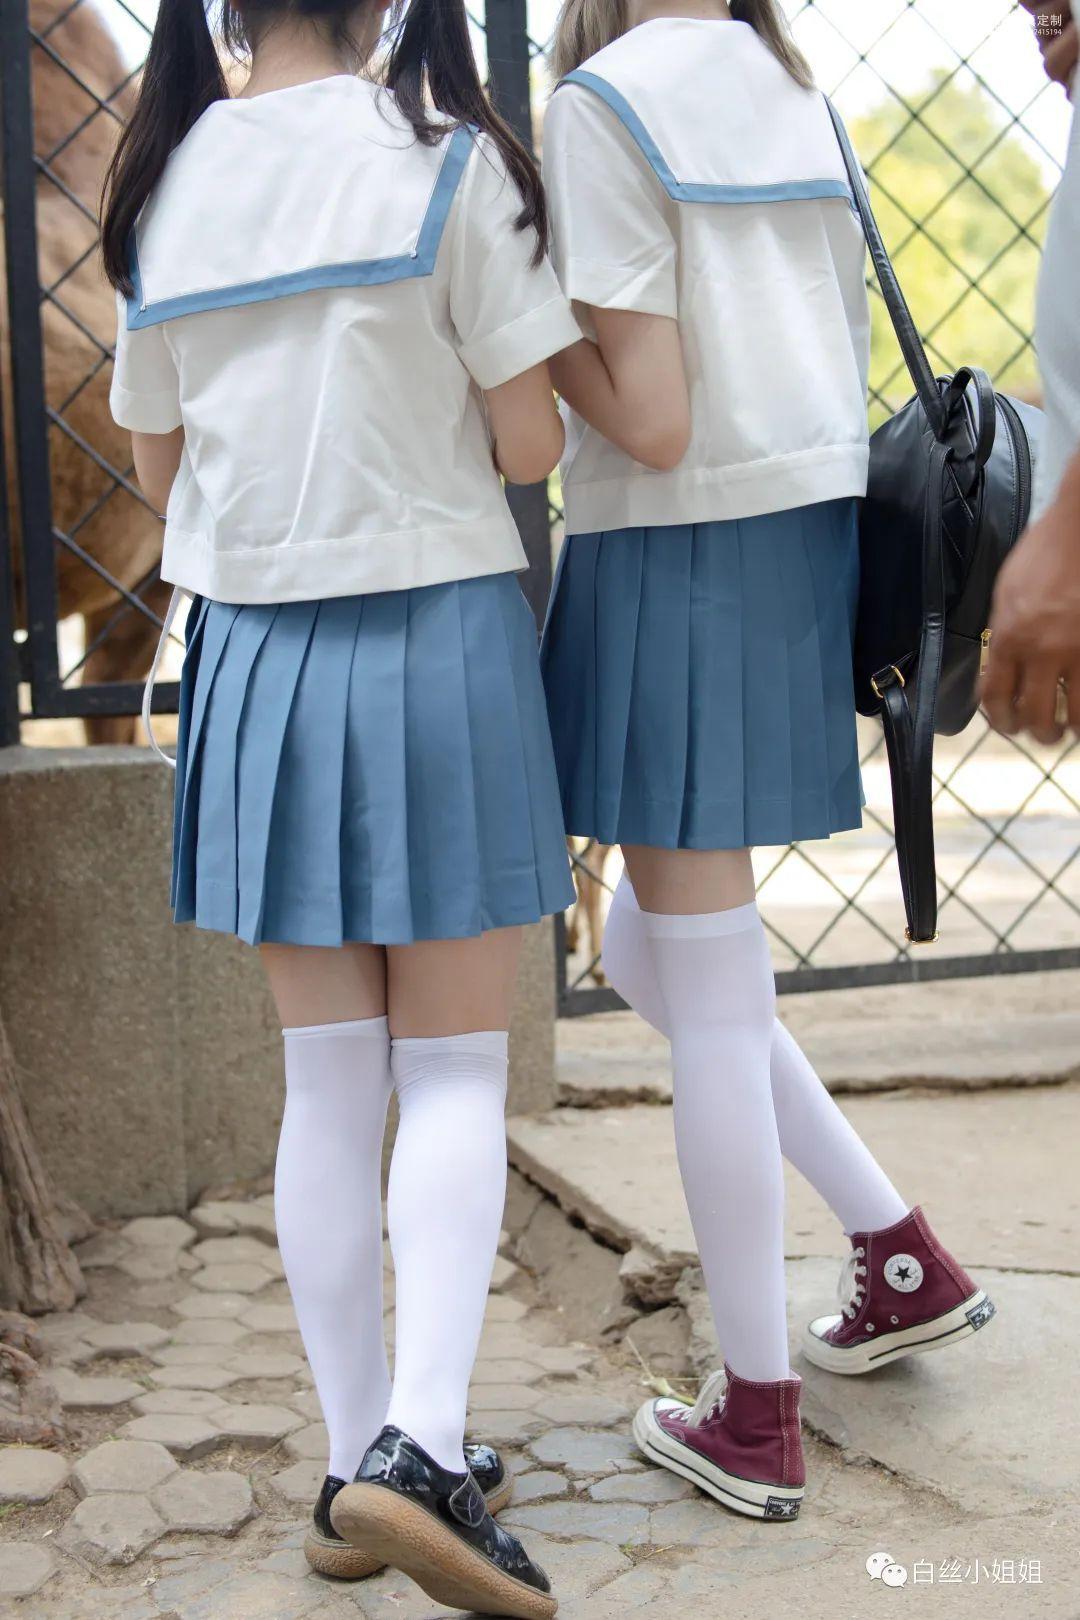 妹子摄影 – 白丝袜JK制服萝莉成对出现,双倍快乐!_图片 No.12